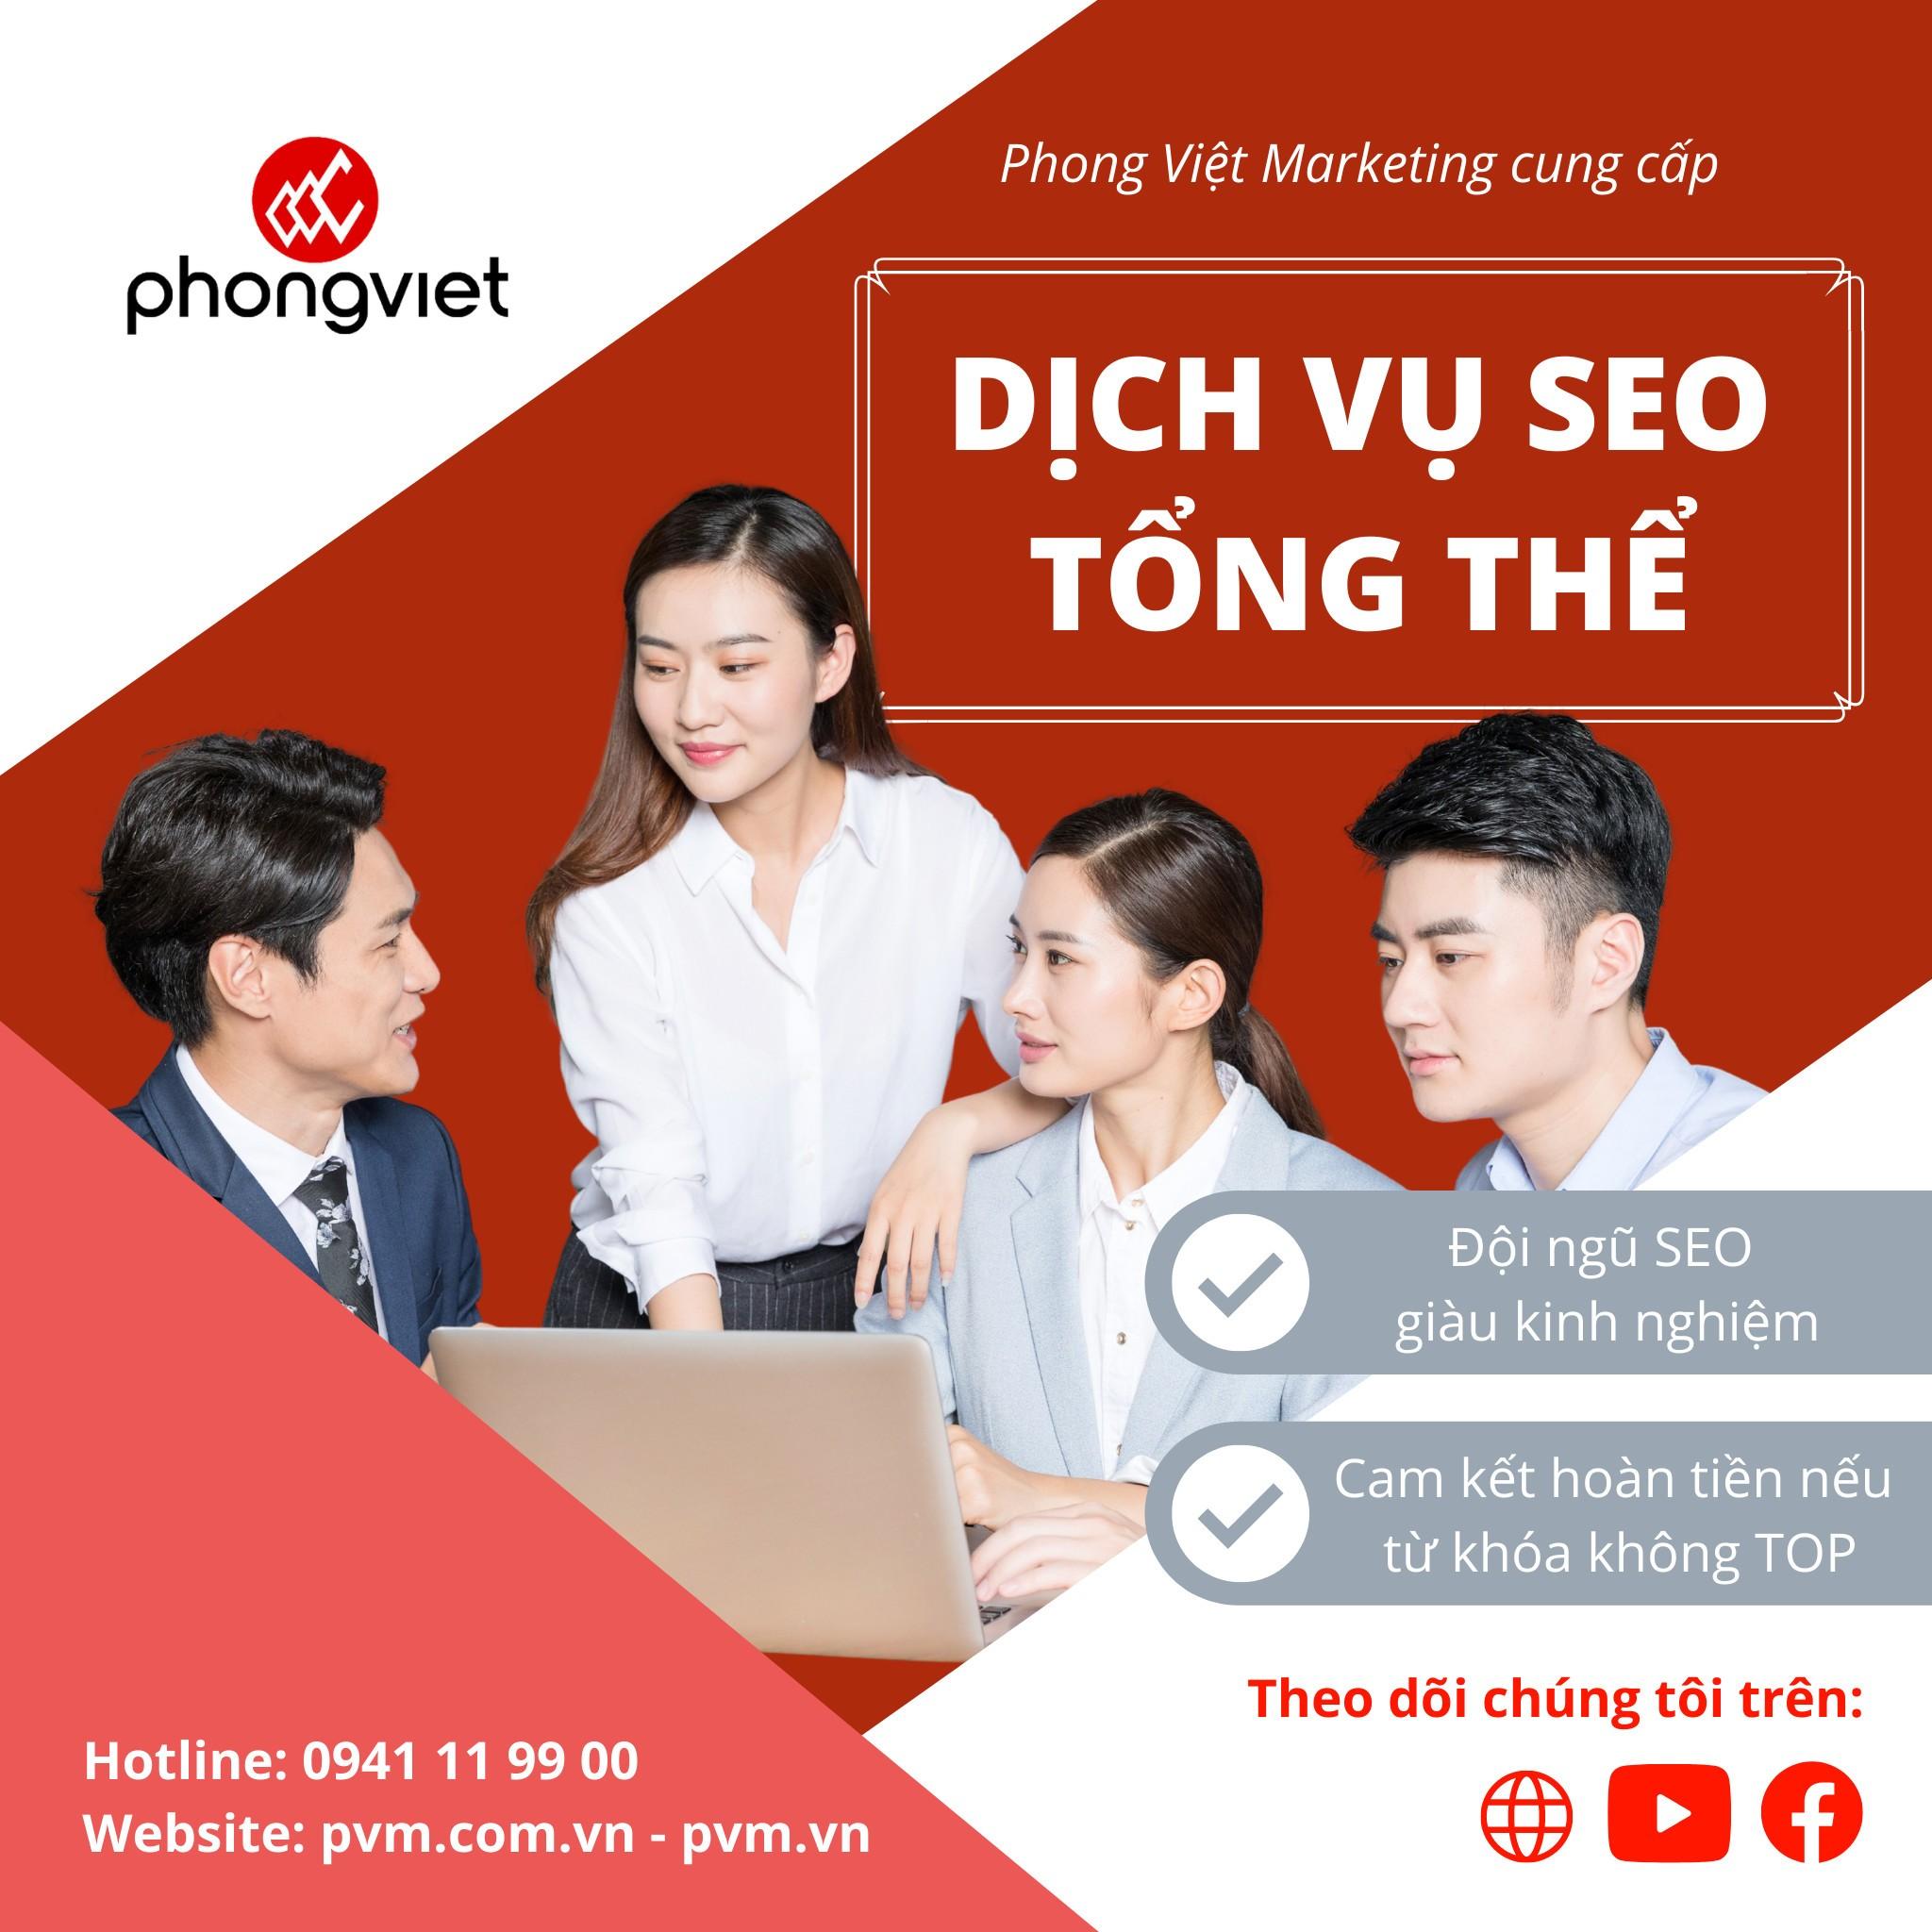 Phong Việt – Đơn vị chuyên cung cấp Dịch Vụ Marketing Online Tổng Thể cho Doanh nghiệp